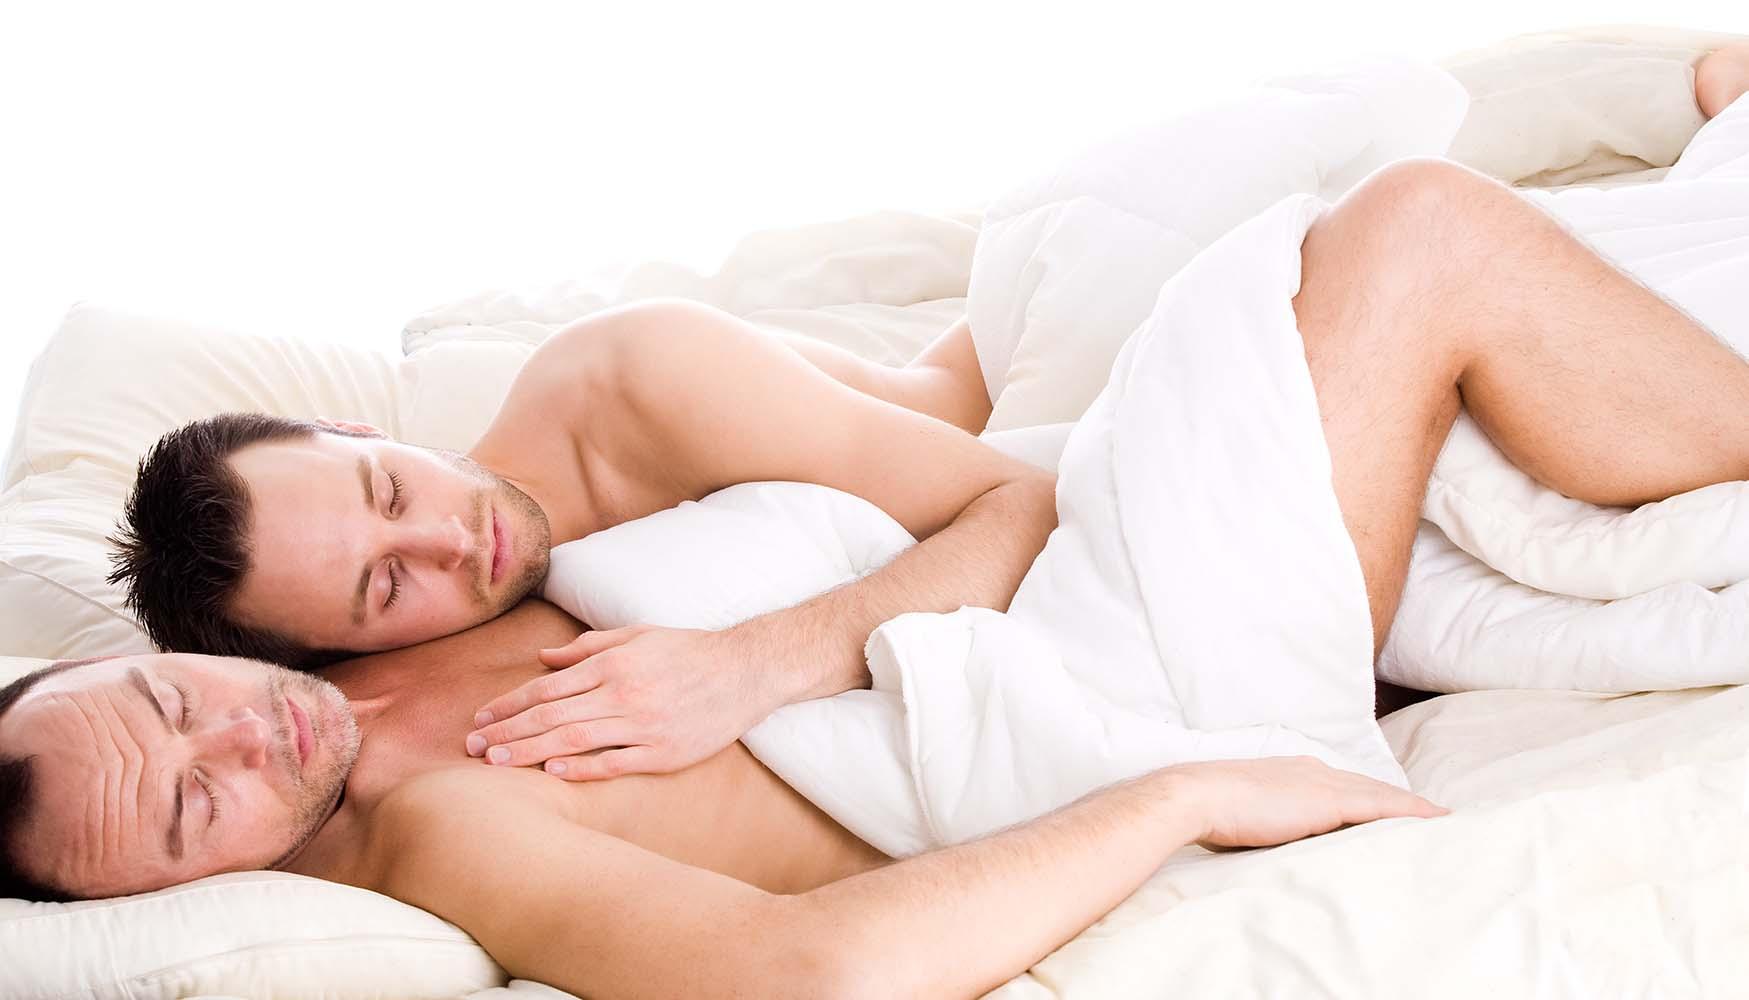 twee mannen in bed